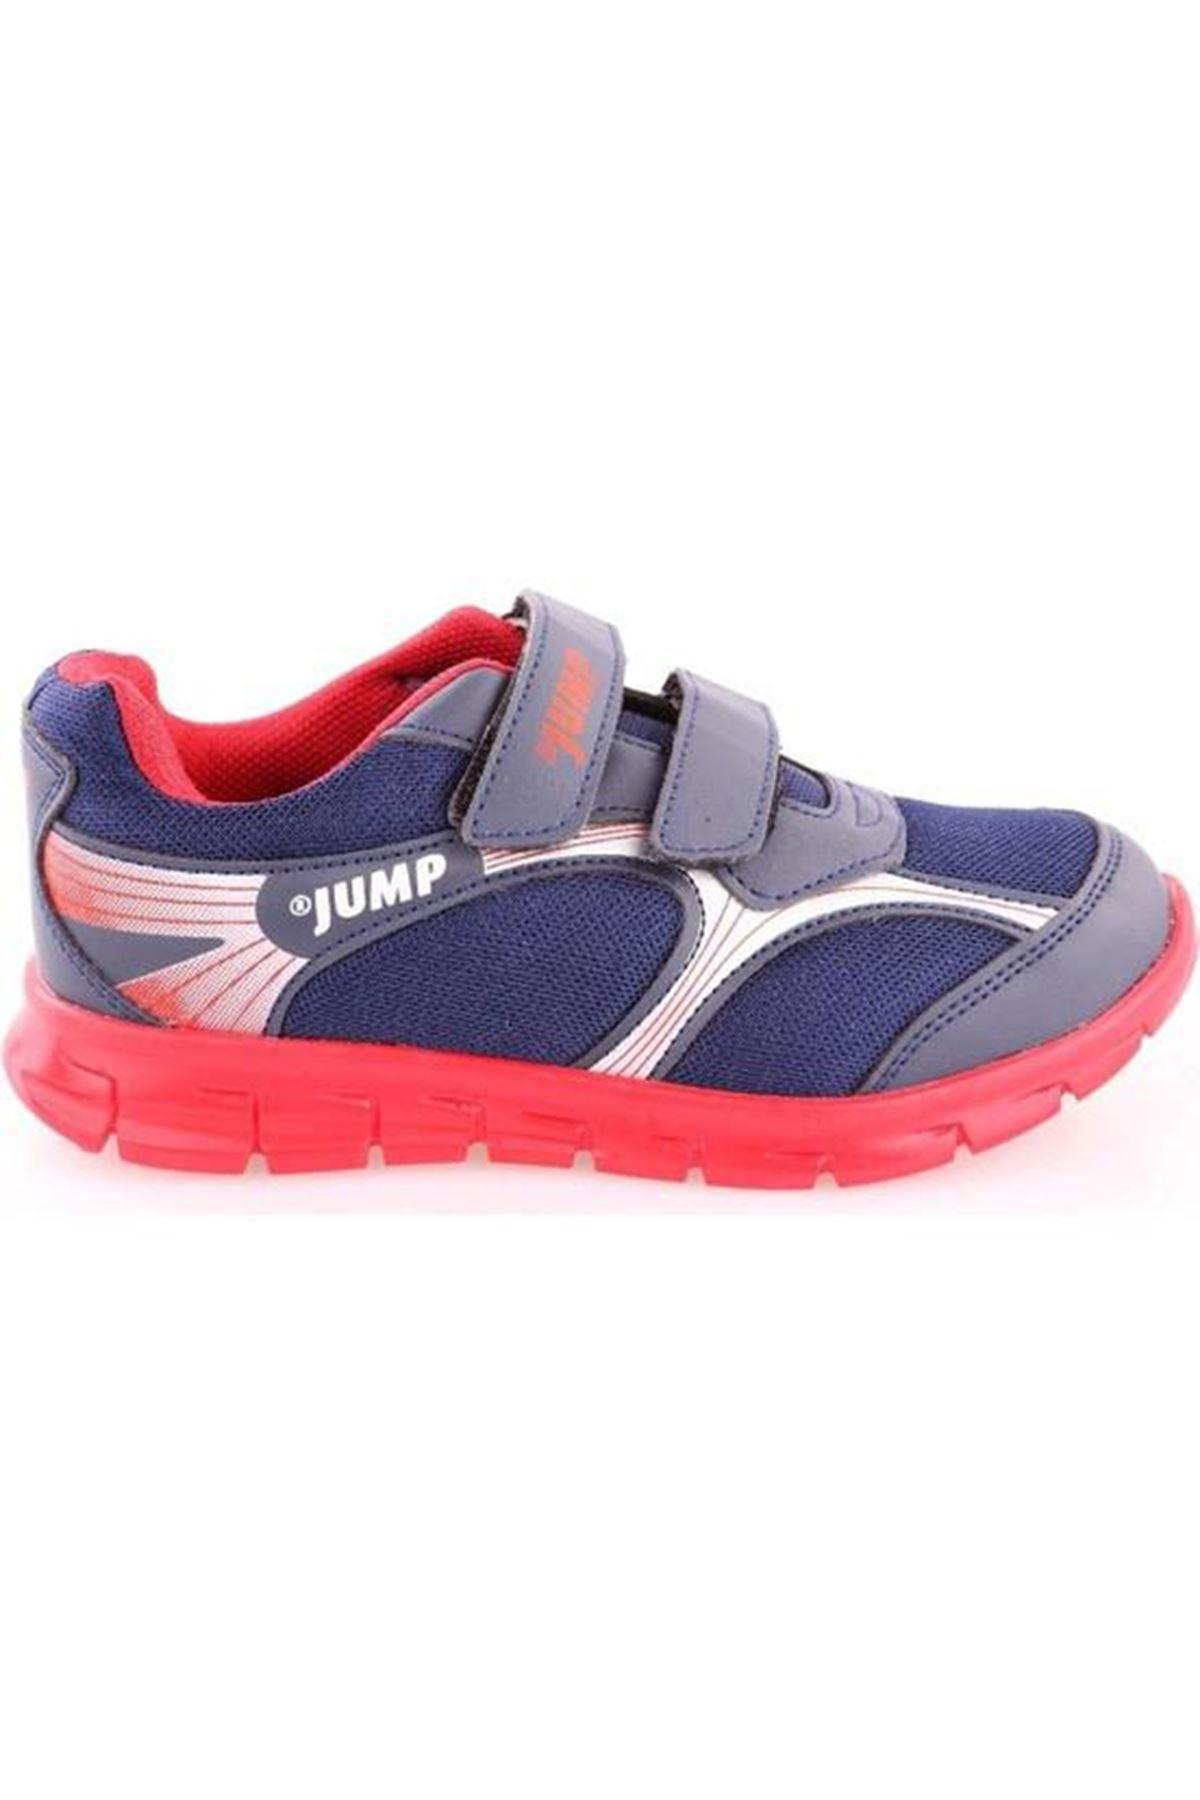 Jump 13603 Günlük Çocuk Spor Ayakkabı